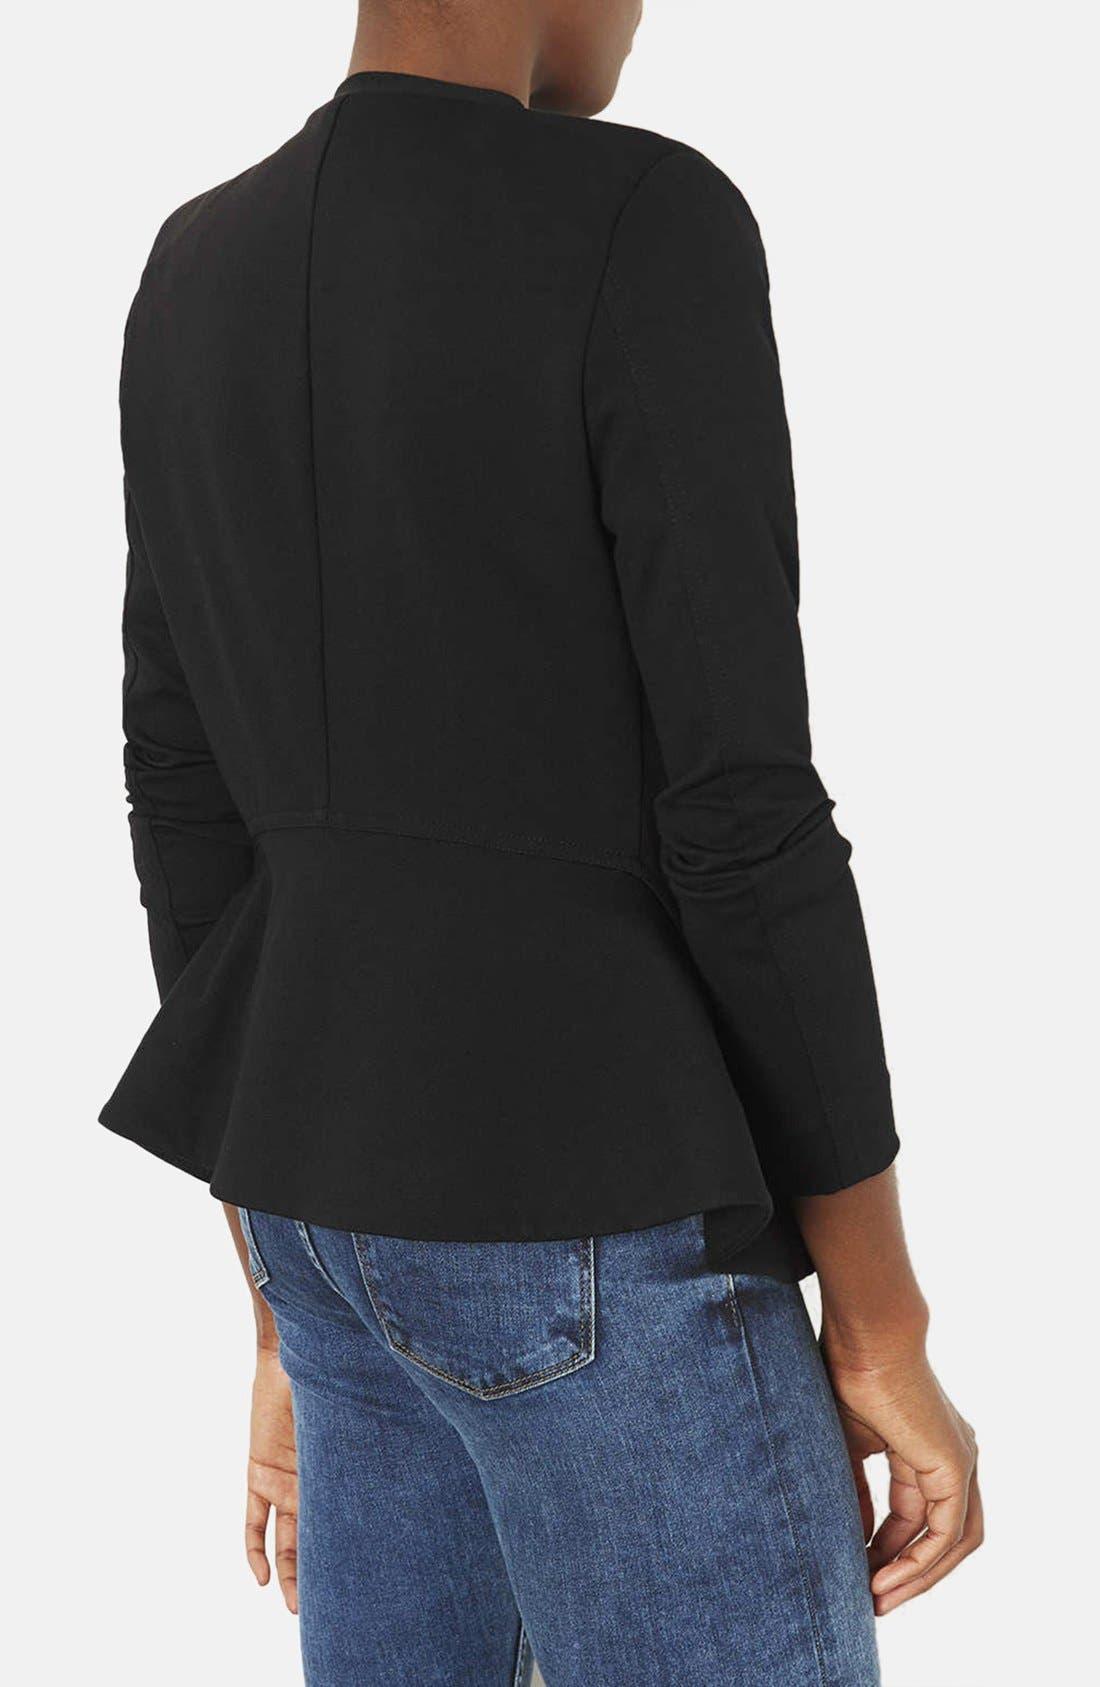 Alternate Image 2  - Topshop 'Nicole' Tailored Peplum Jacket